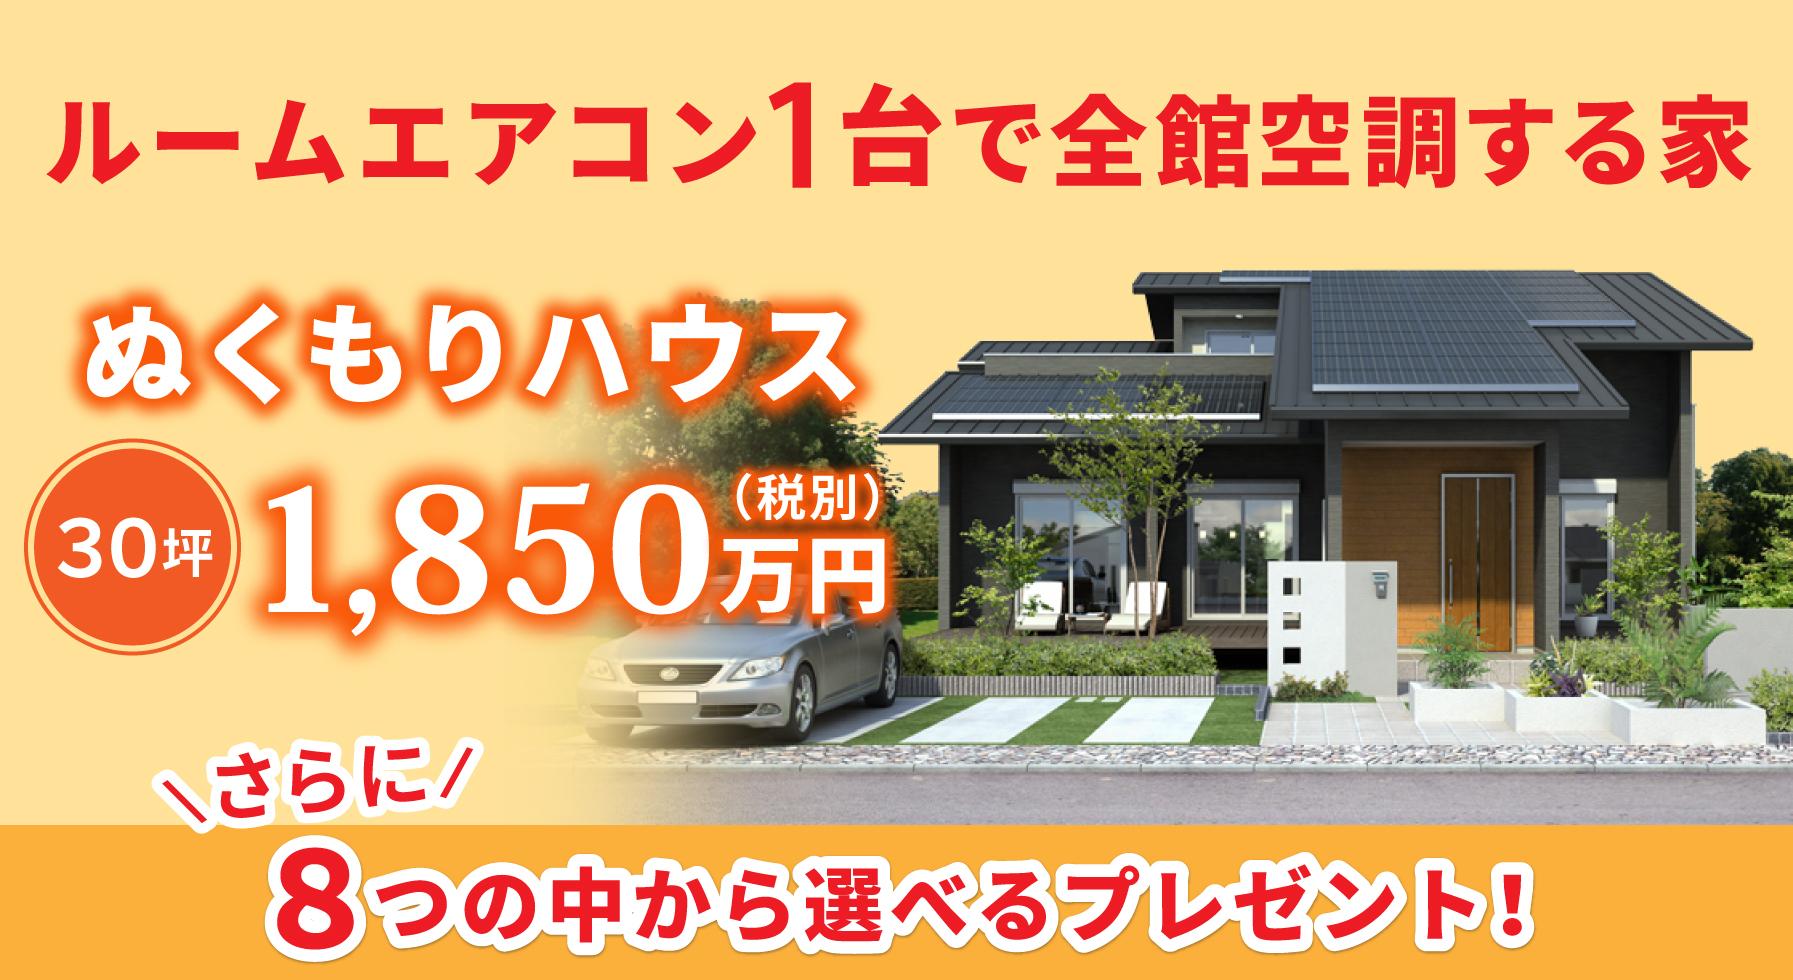 ぬくもりハウス1,850万円